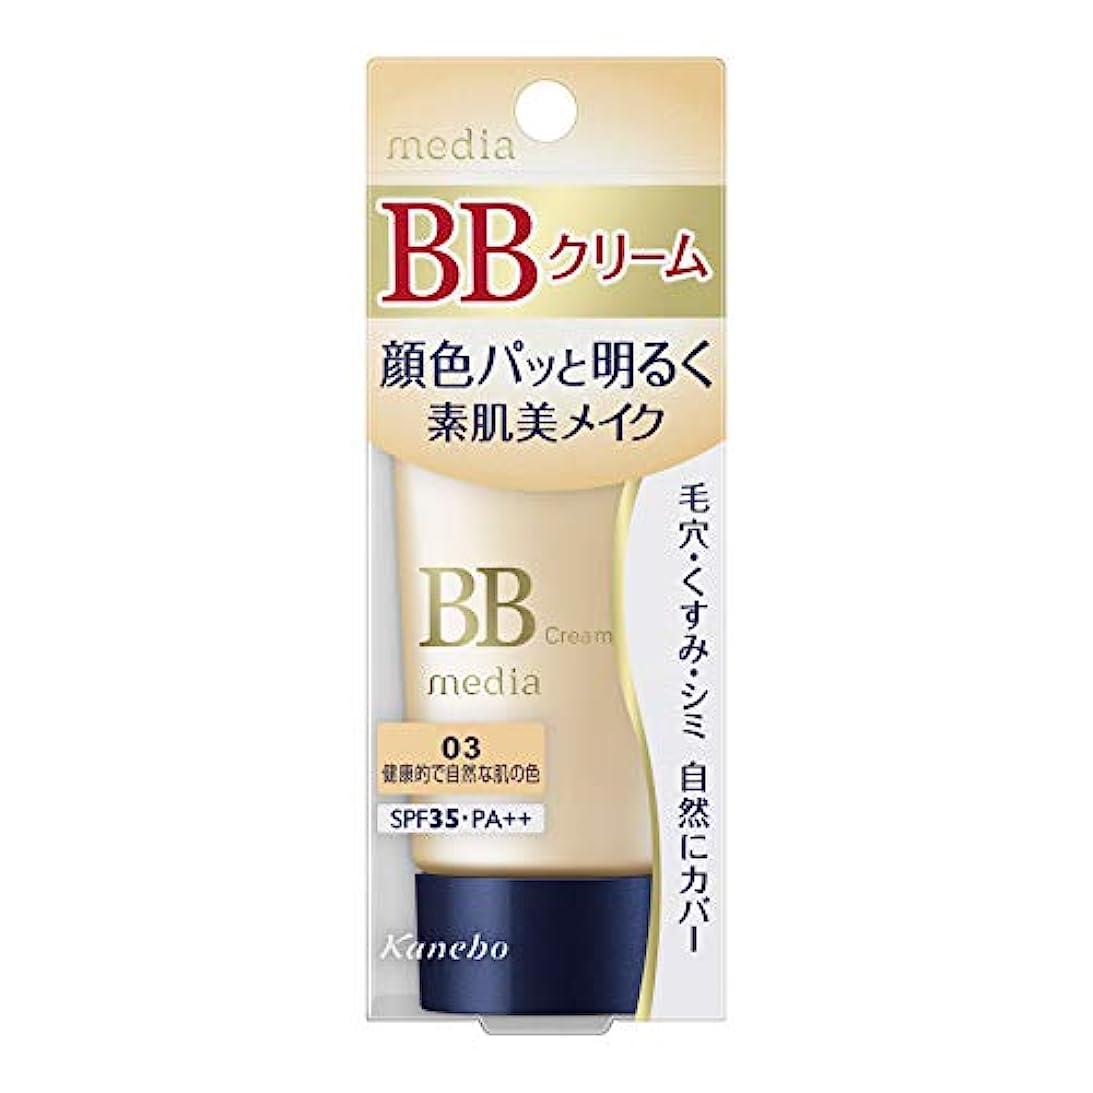 剣リビングルーム癒すカネボウ化粧品 メディア BBクリームS 03 35g